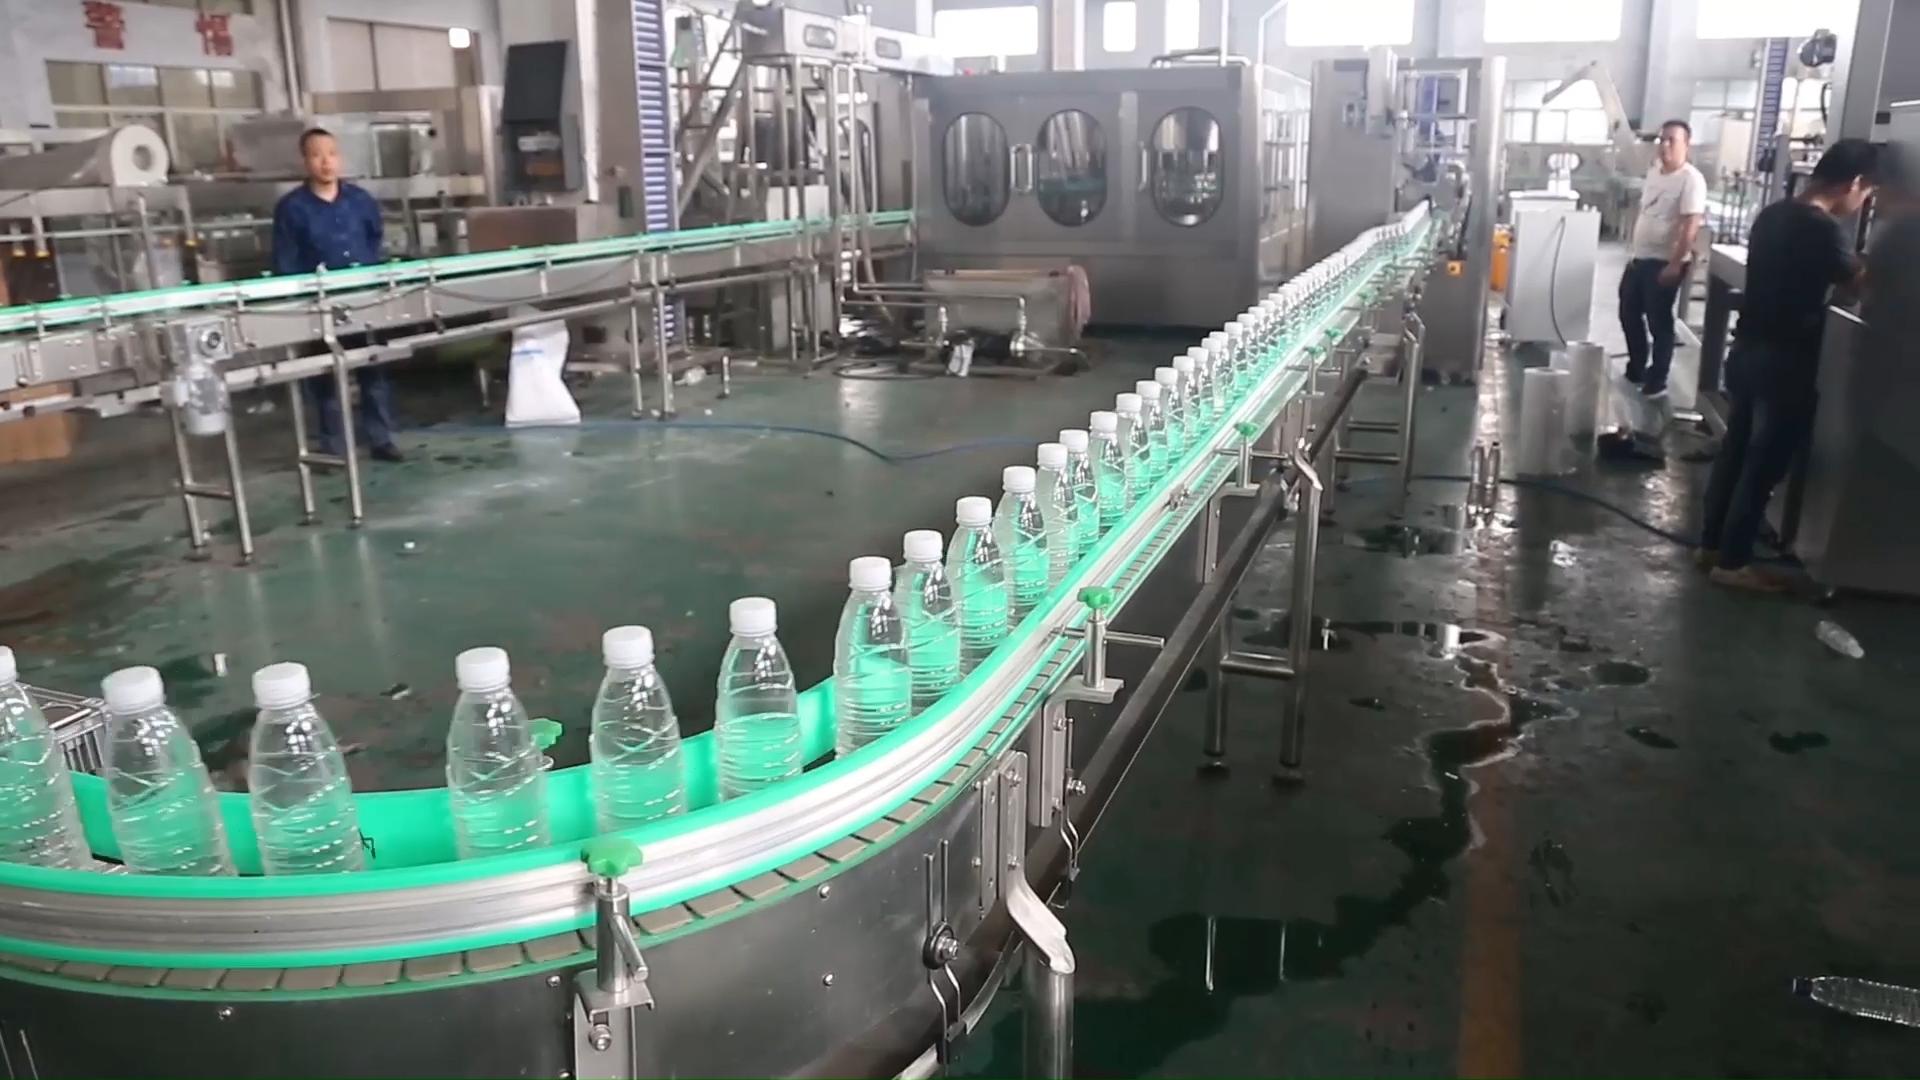 自動充填機ボトルウォーター/ミネラルウォーターのボトリングプラント/ミネラルウォーターの生産ライン